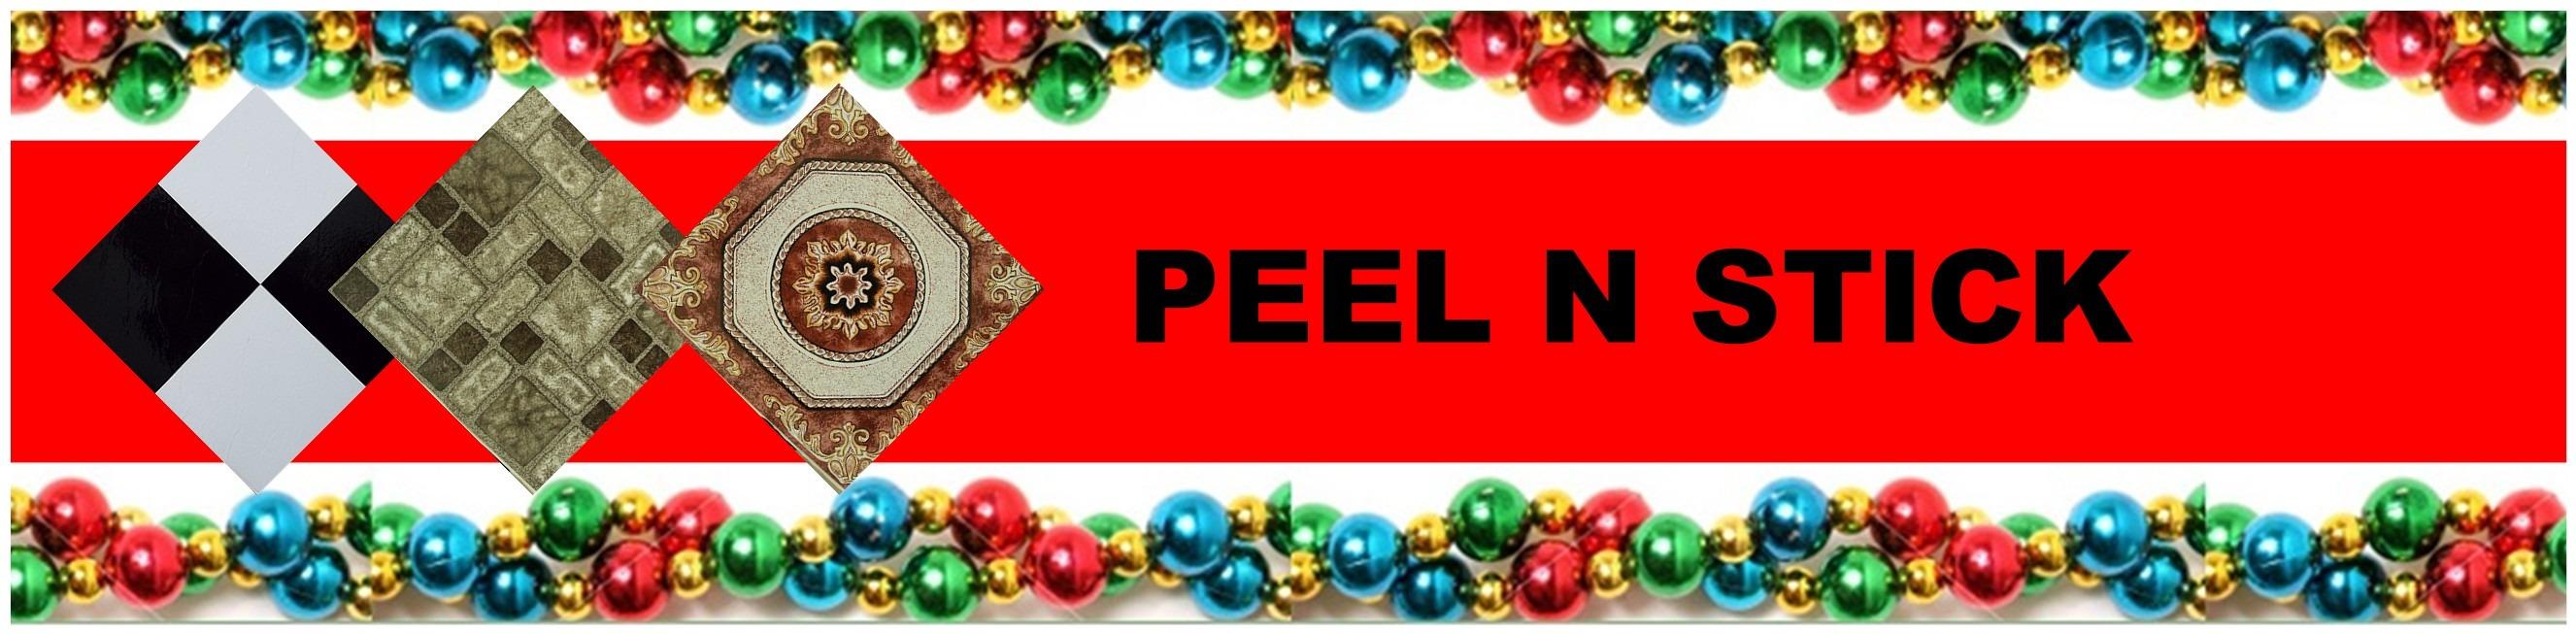 CHRISTMAS PEAL N STICK VINYL